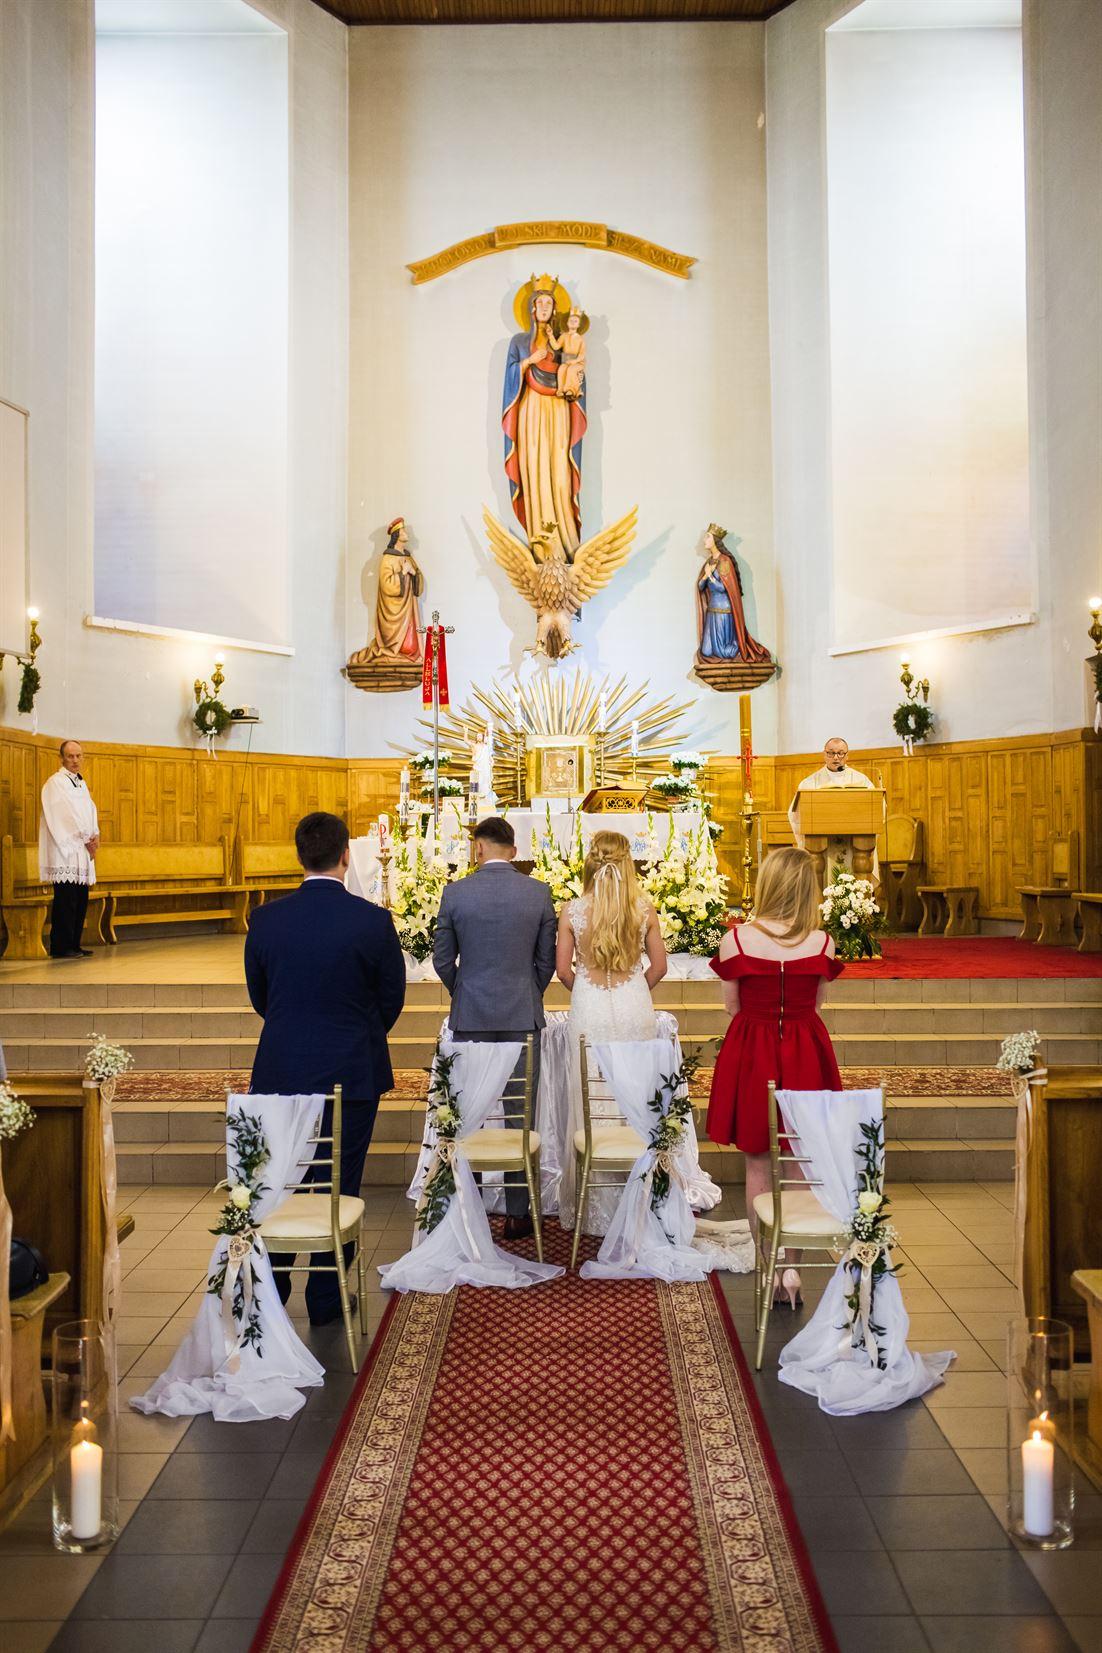 zdjęcia z ślubu kościelnego